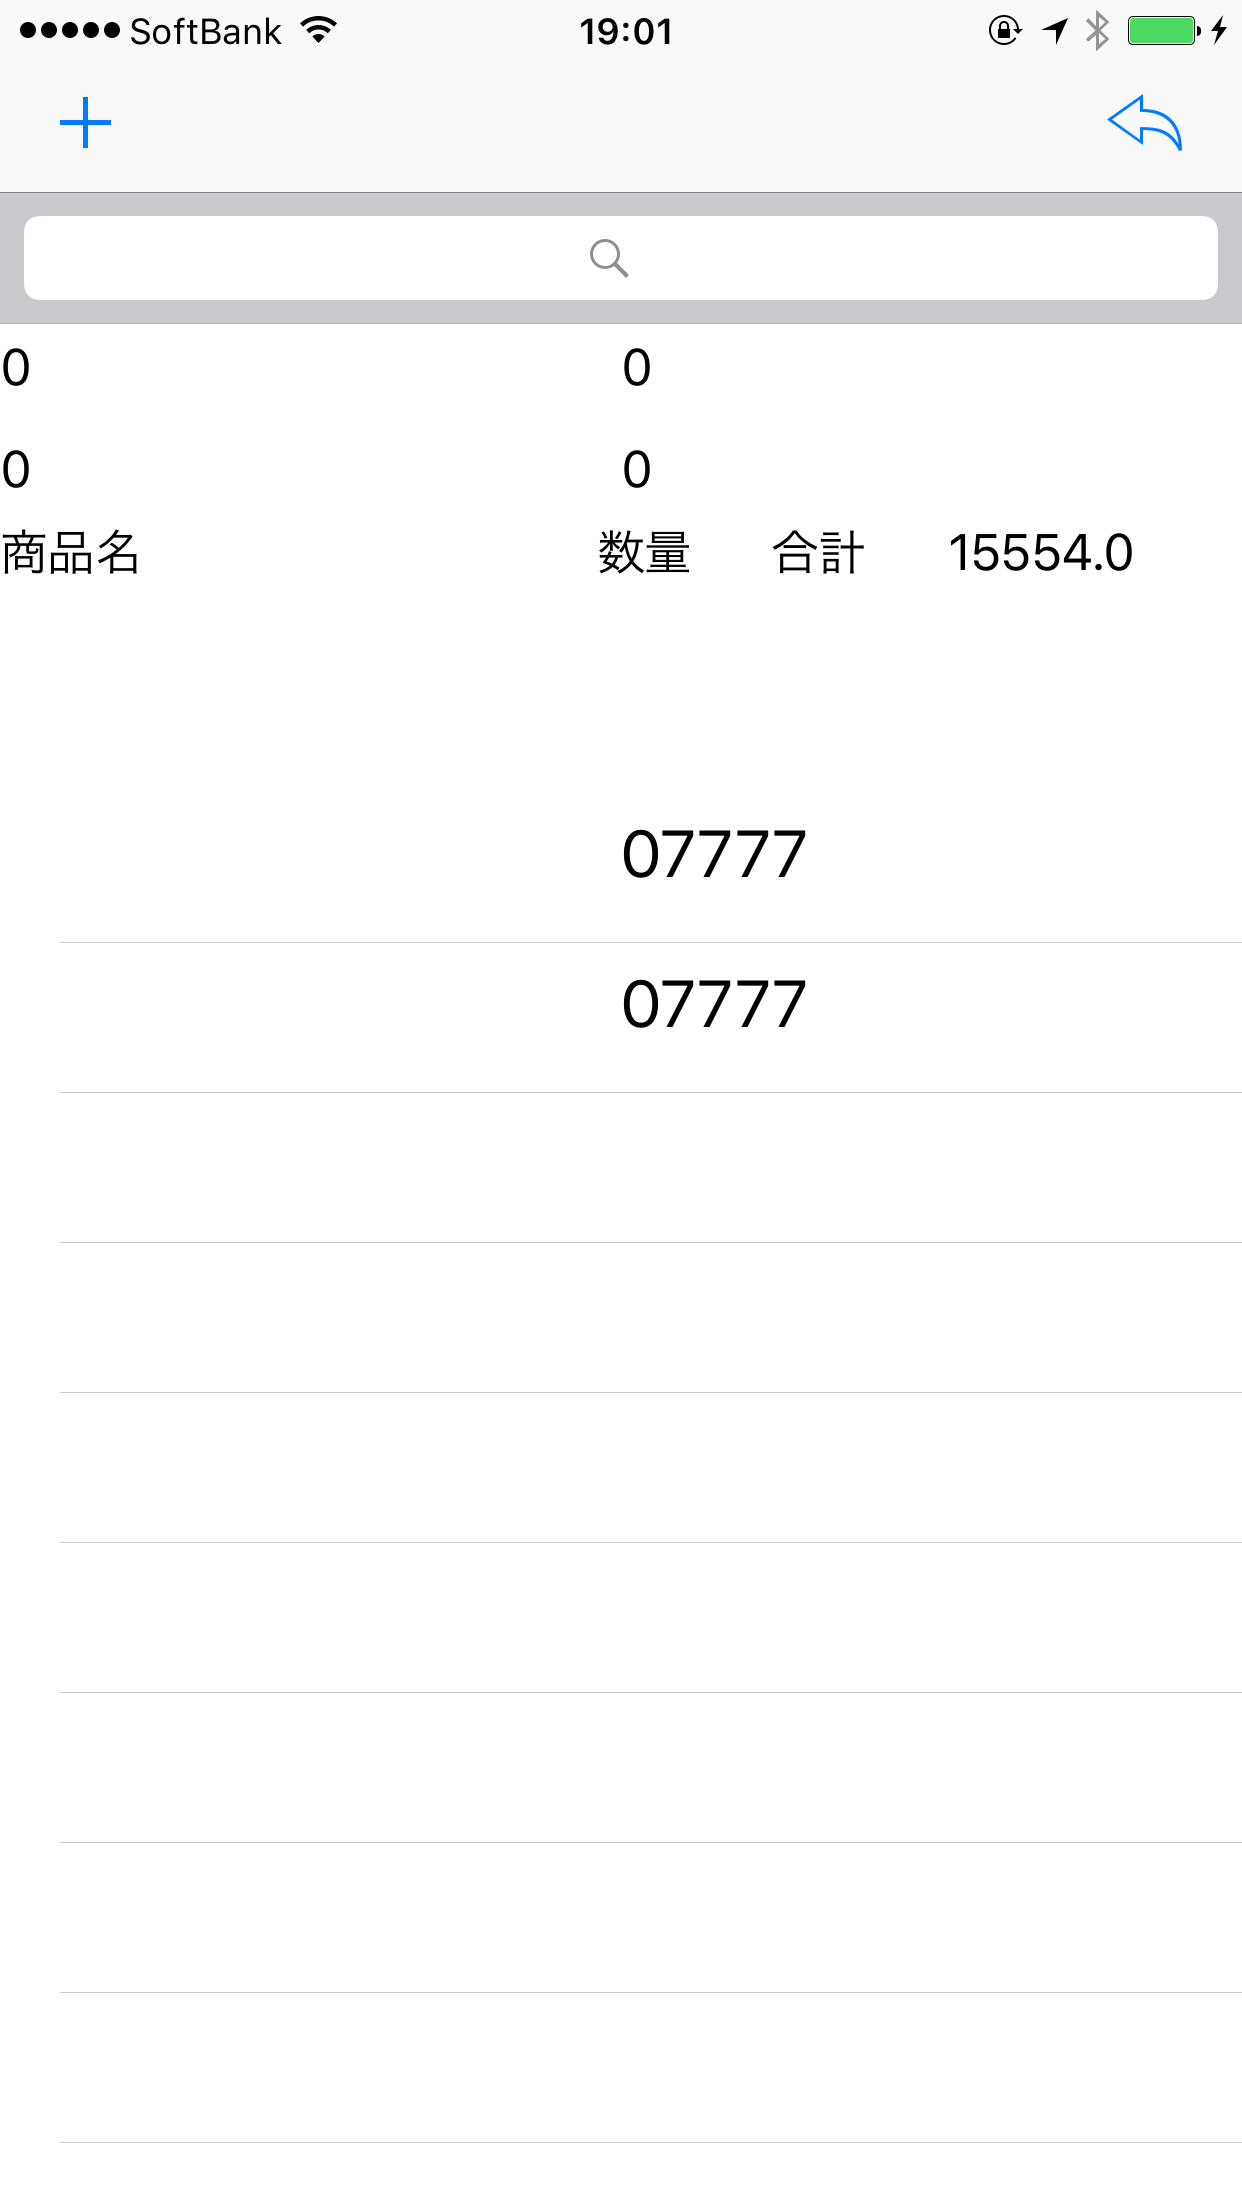 Screen Shot 2016-11-19 at 19.01.03.png